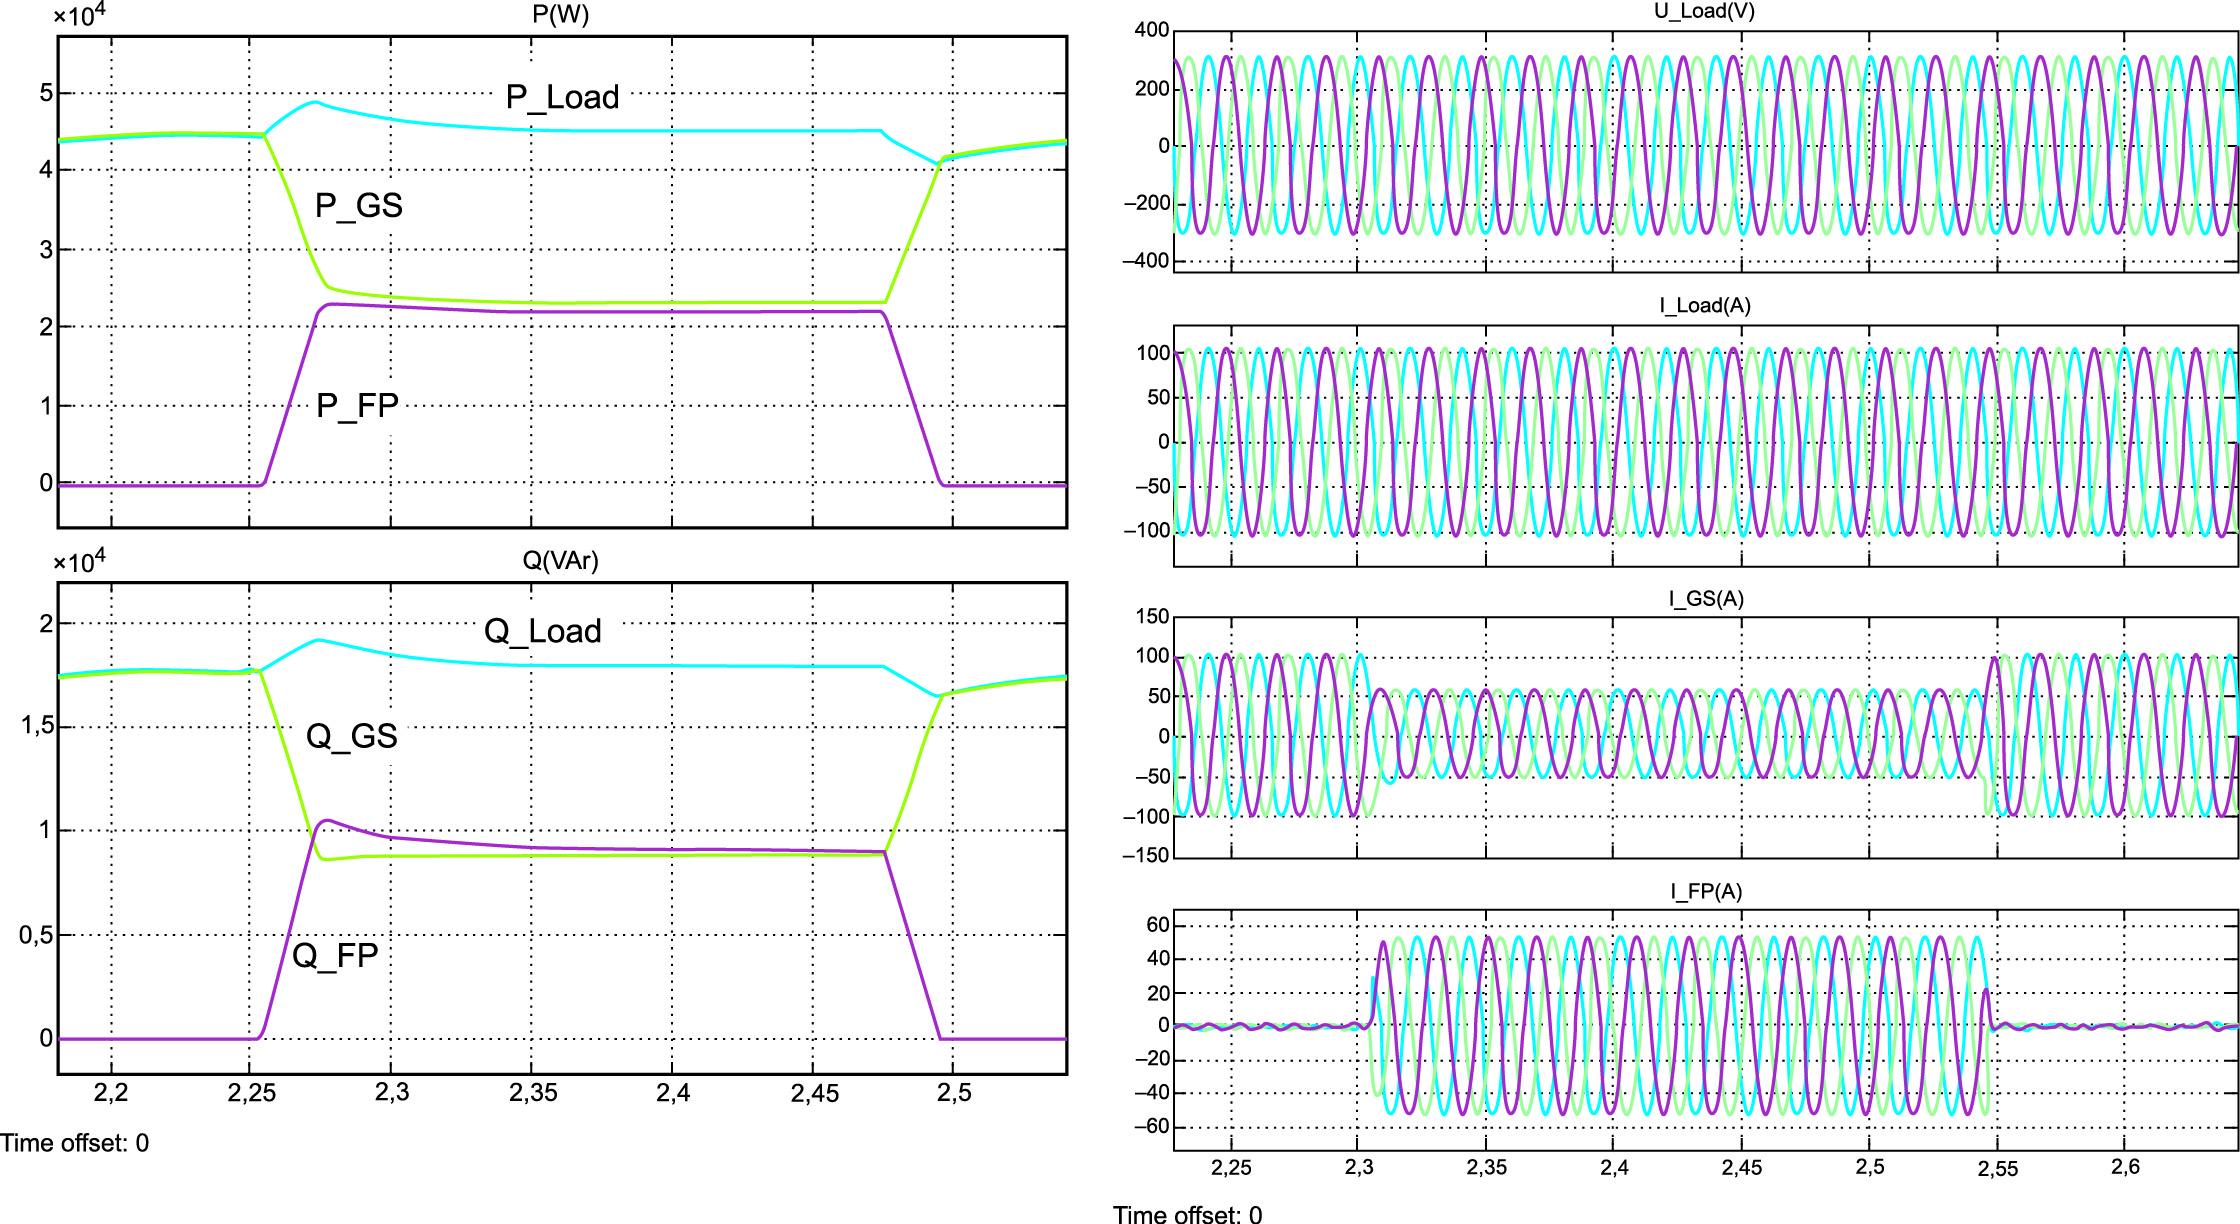 Энергетические и электромагнитные процессы в системе при переключении с разделением нагрузки поровну между генераторами